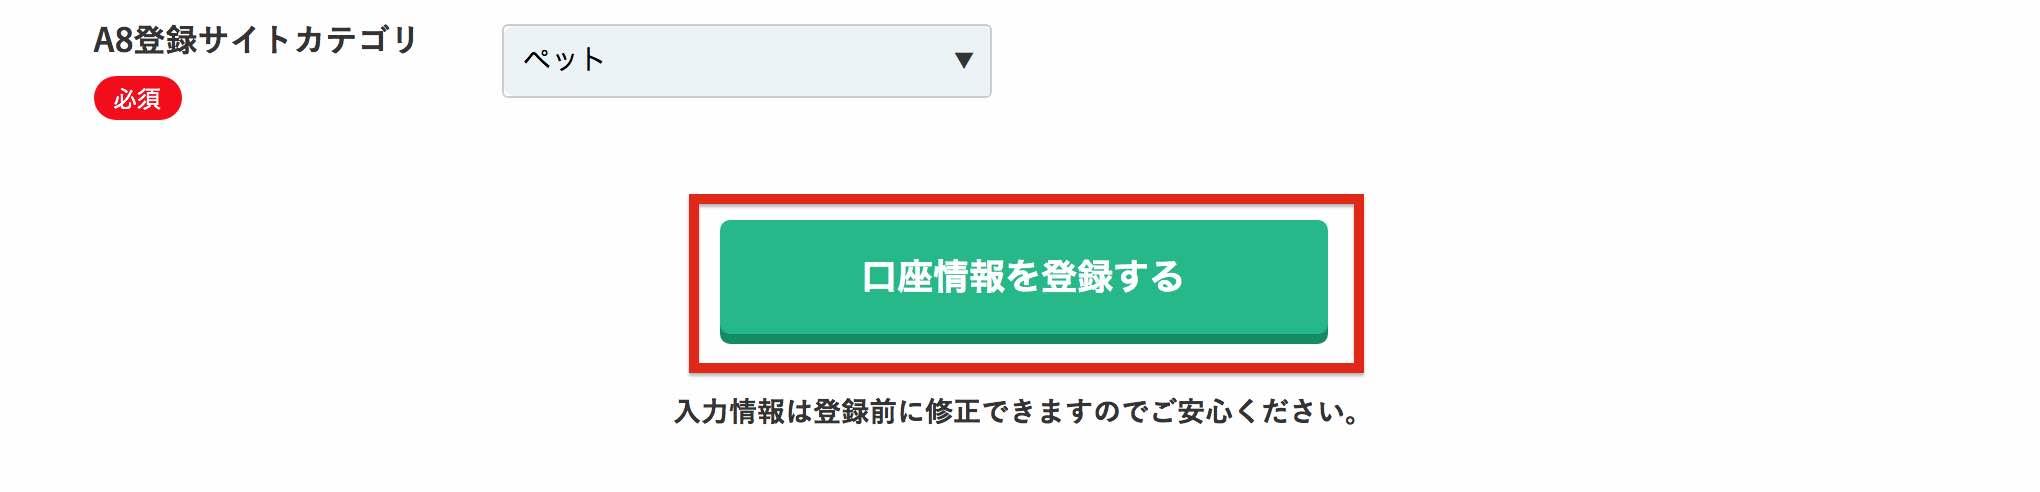 a8.net無料会員登録手順9